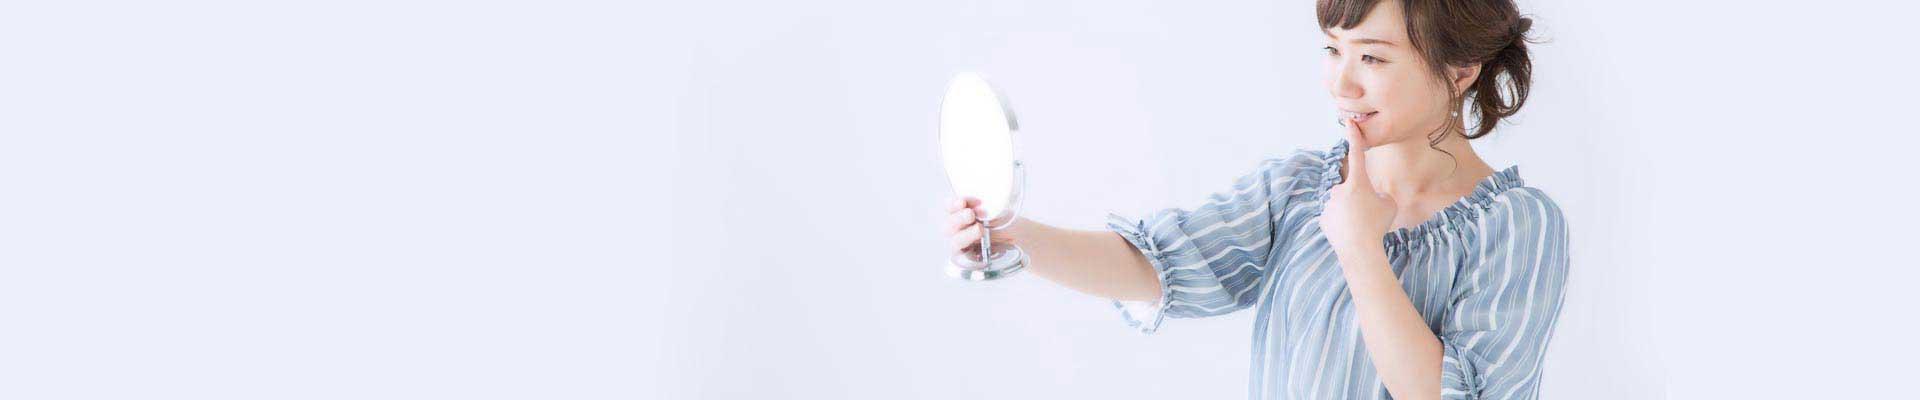 歯を鏡で見る女性